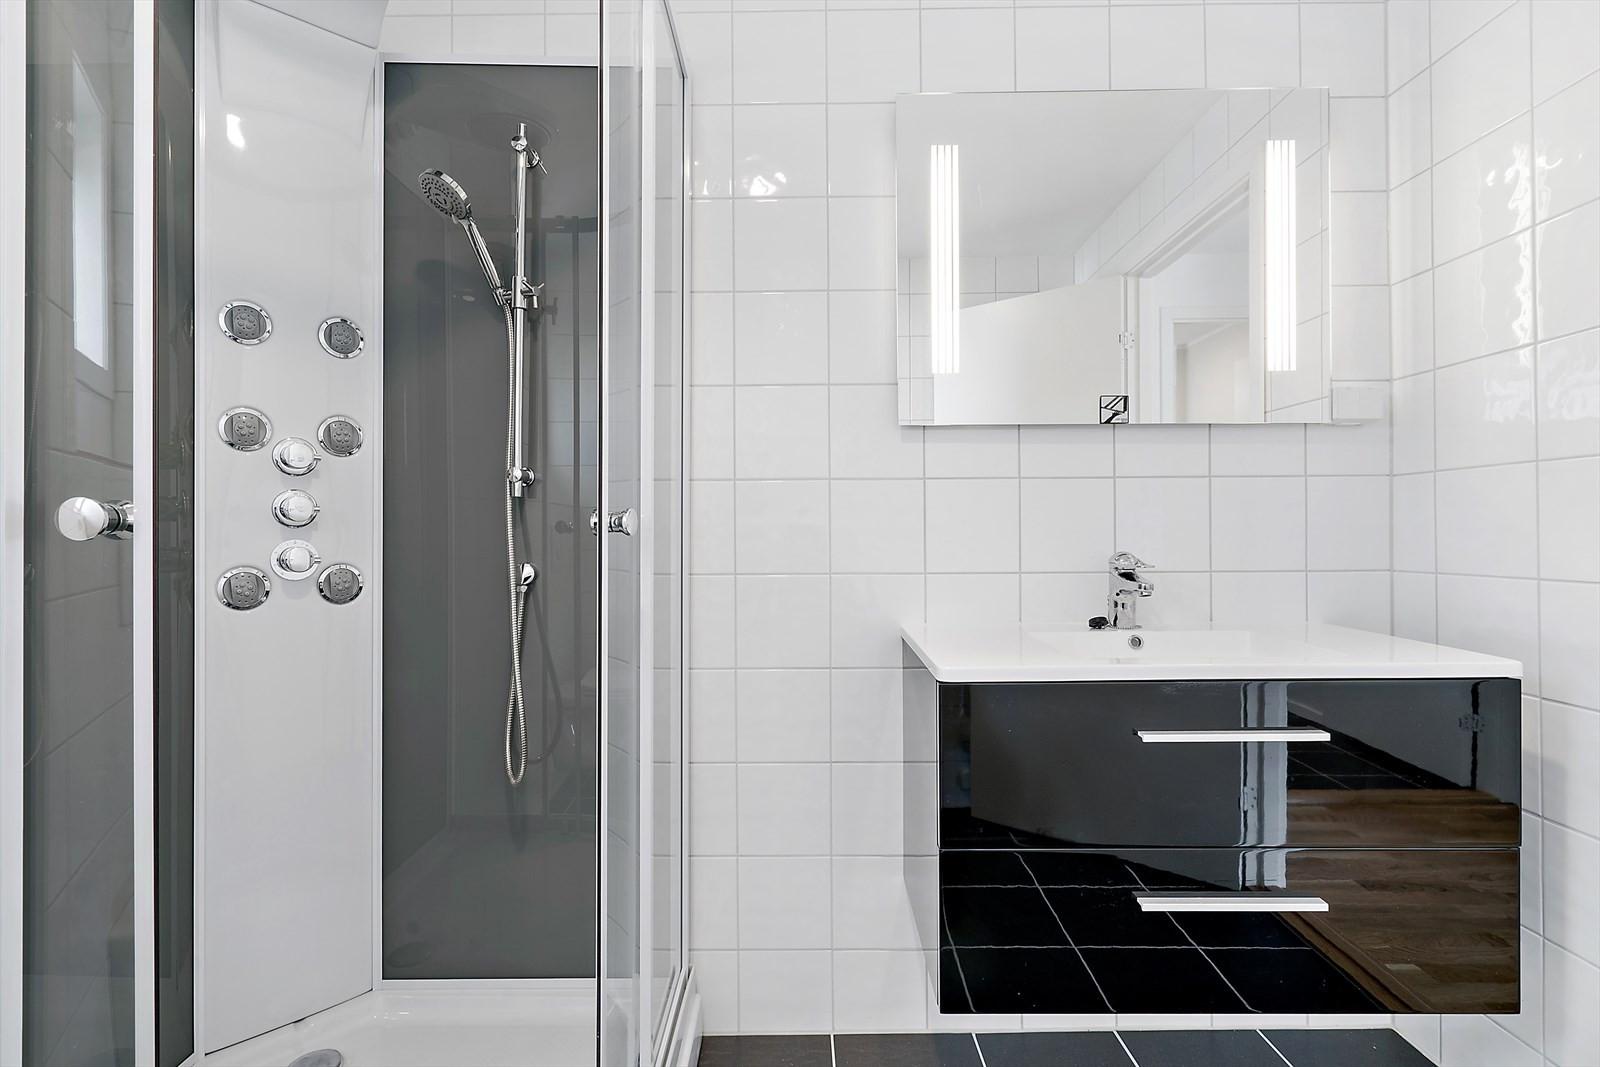 Flislagt bad  - dusjkabinett og speil med lys